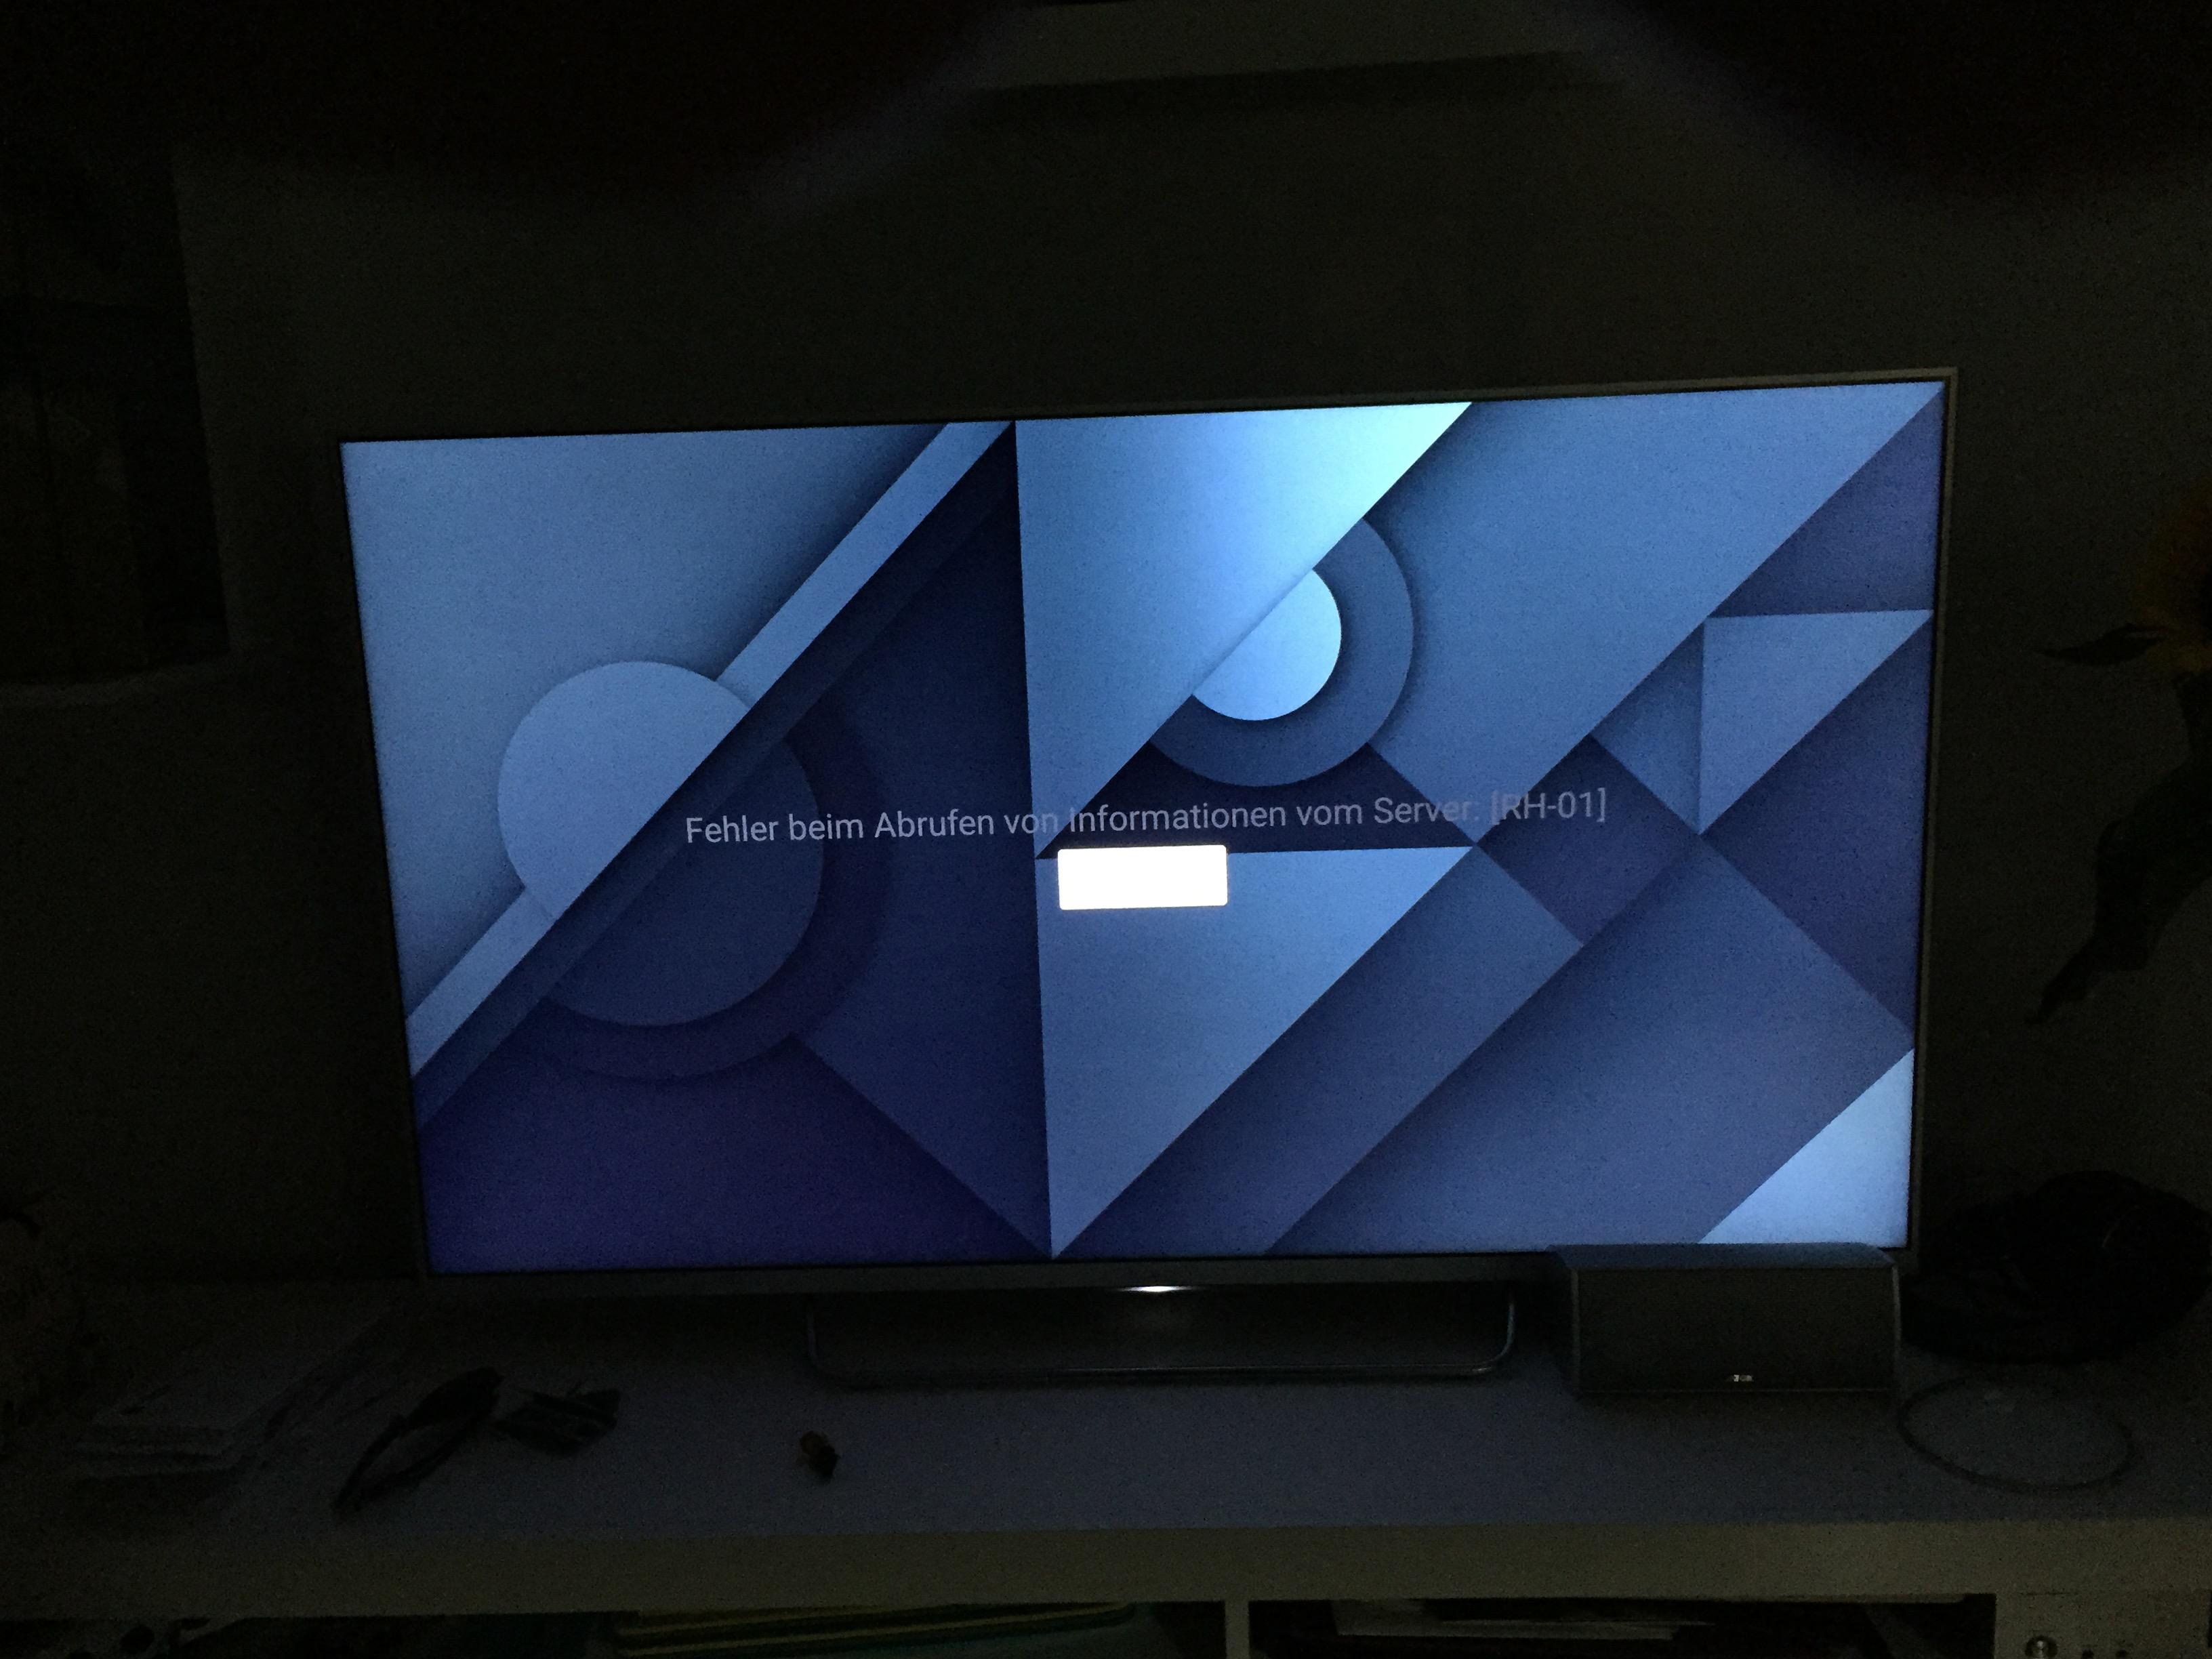 Apps wie 7tv und spiegel tv funktionieren nicht s sony for Spiegel tv app